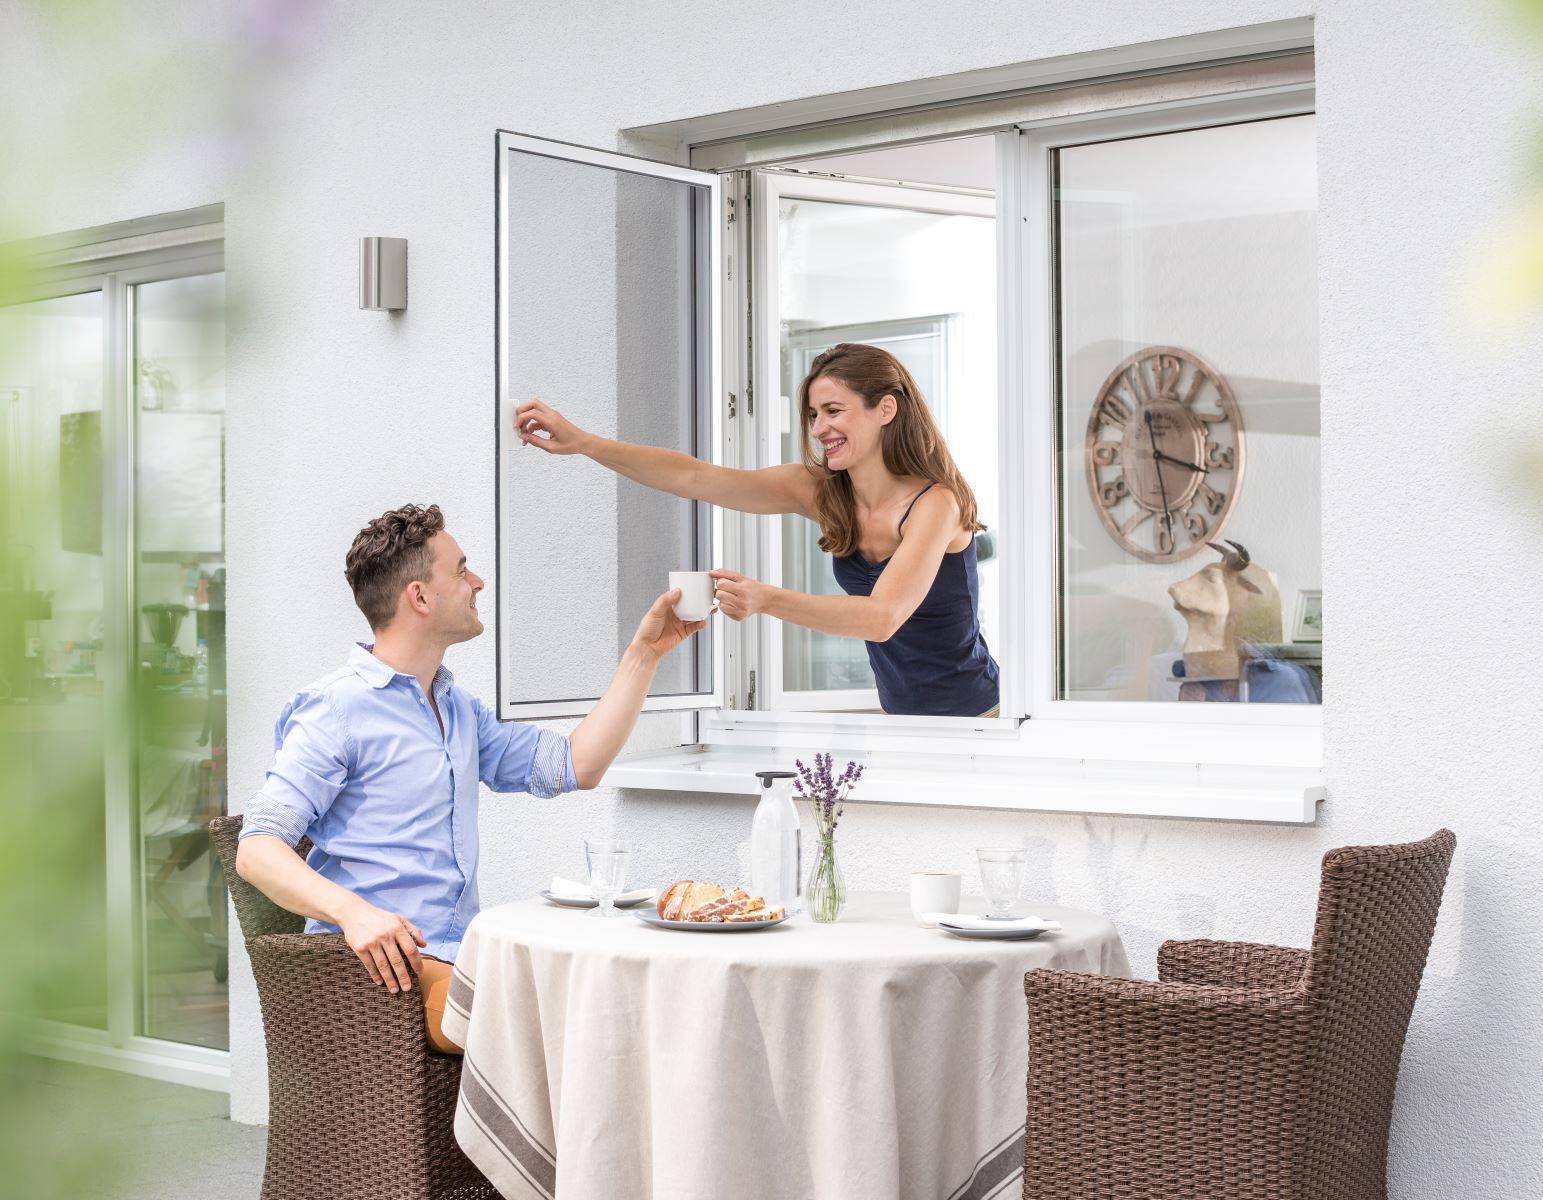 Fenster Scheibling - Züricher Oberland - Insektenschutz - Pendelfenster